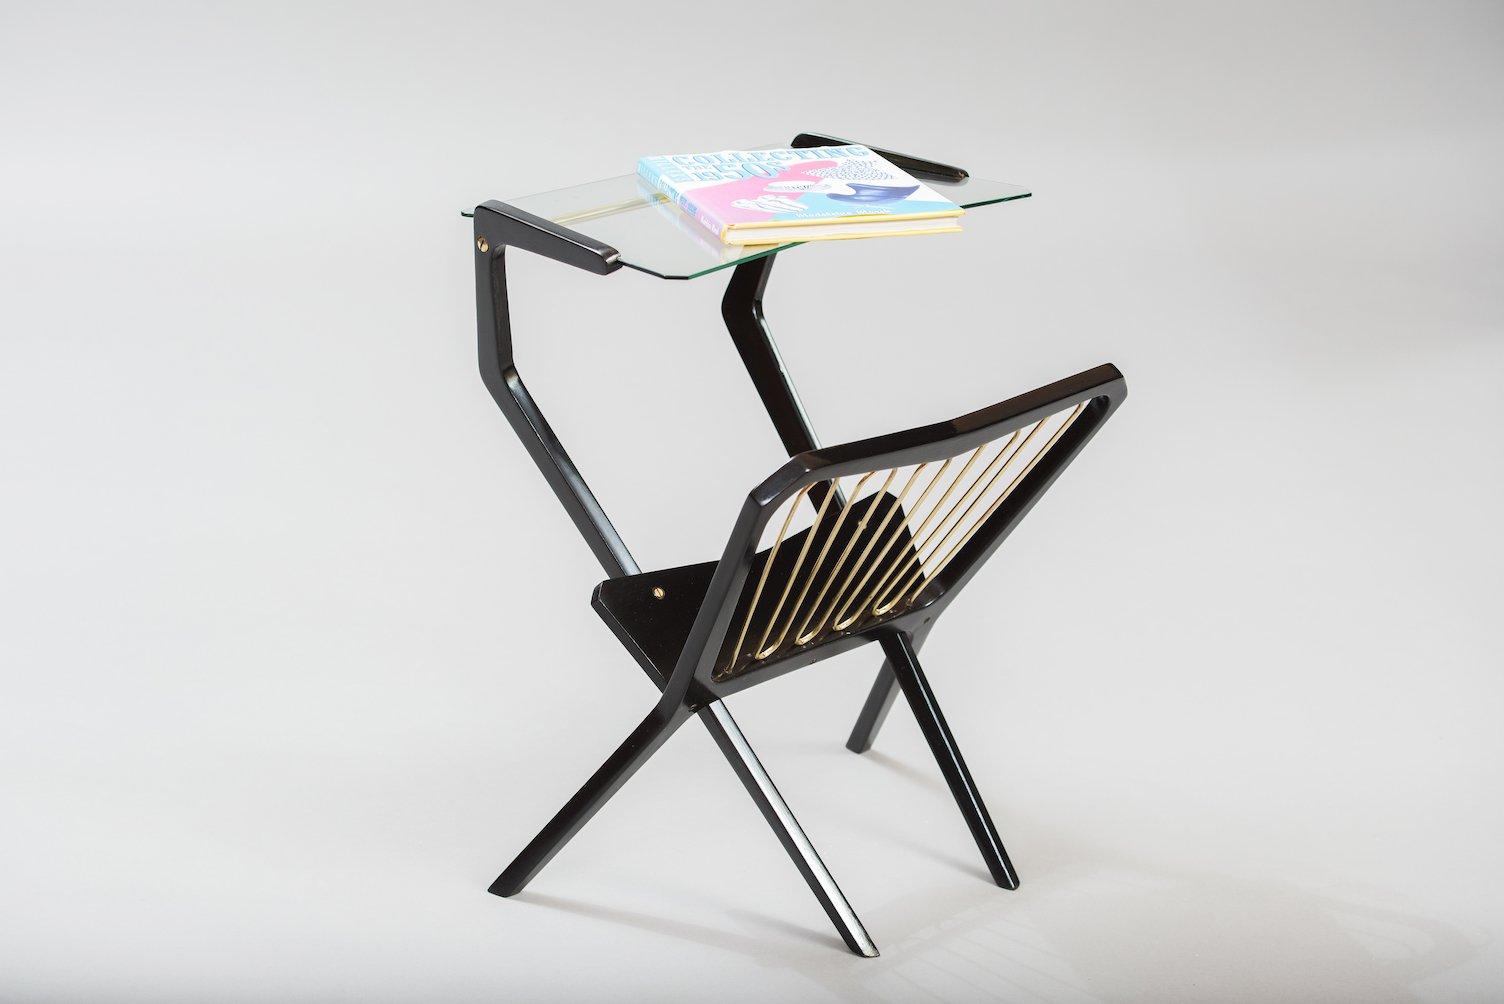 italienischer vintage beistelltisch mit zeitungsst nder bei pamono kaufen. Black Bedroom Furniture Sets. Home Design Ideas